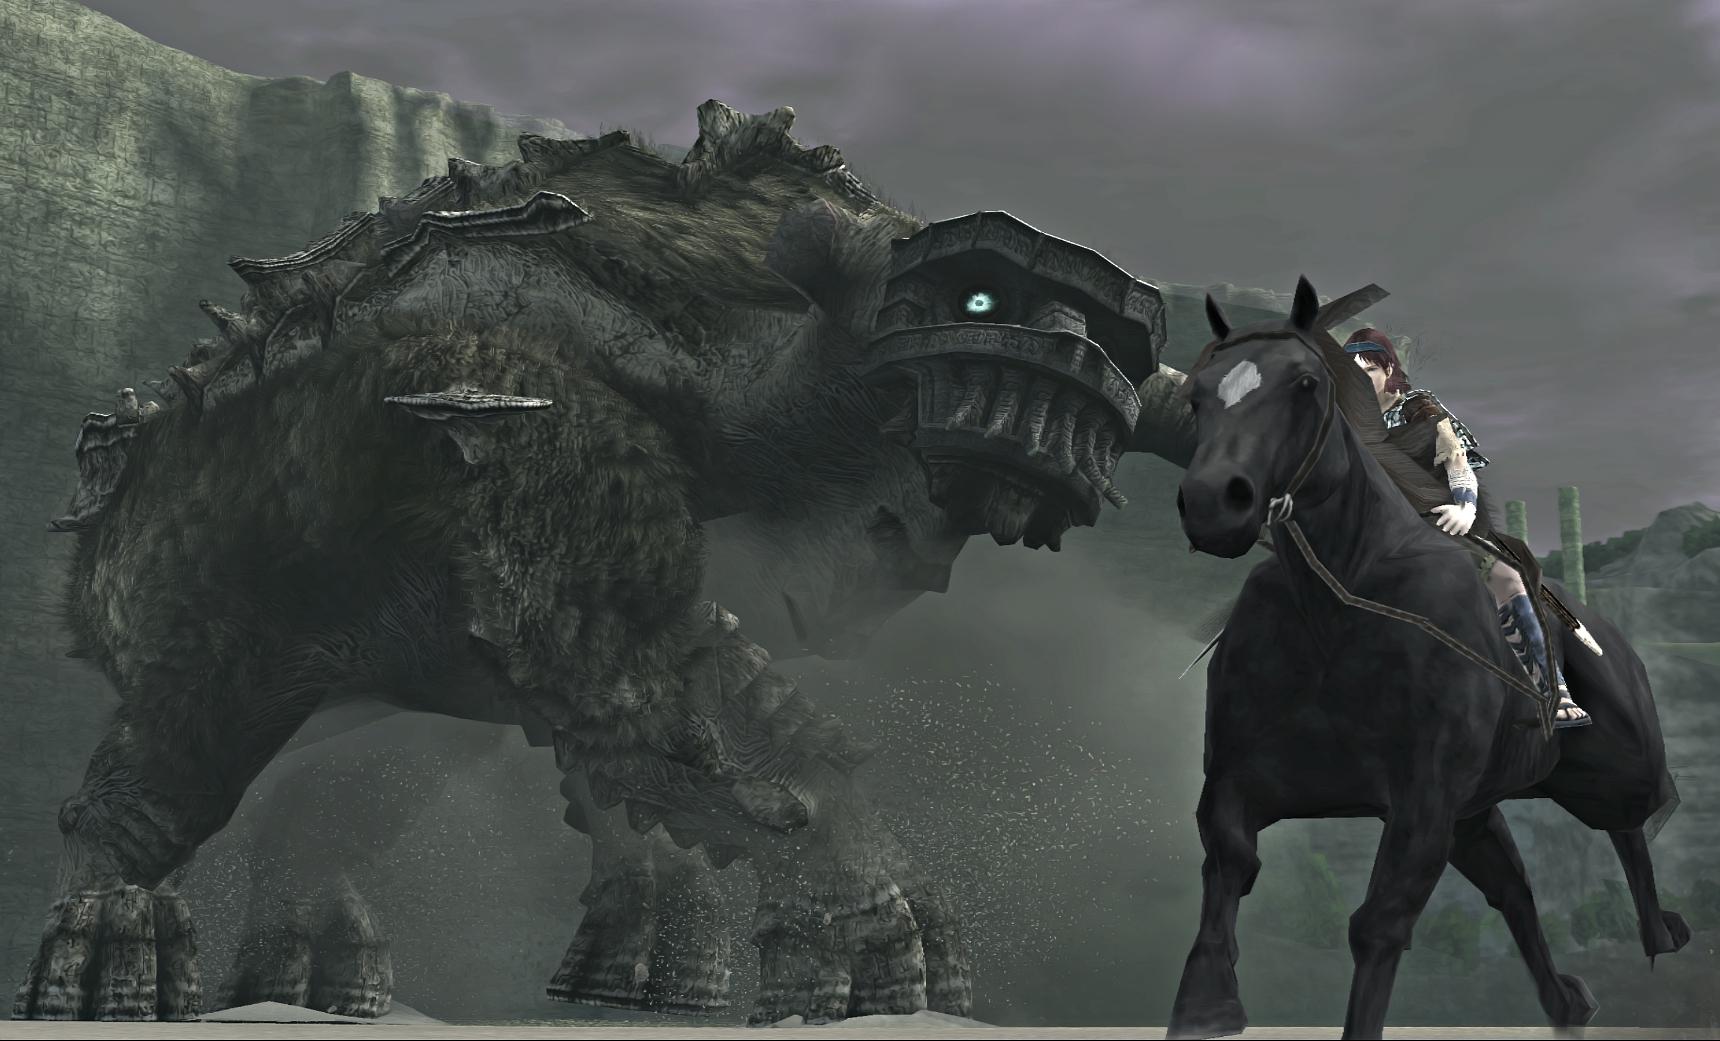 Shadow-of-the-Colossus-SOTC-Wallpaper-Quadratus-Taurus-Major-05